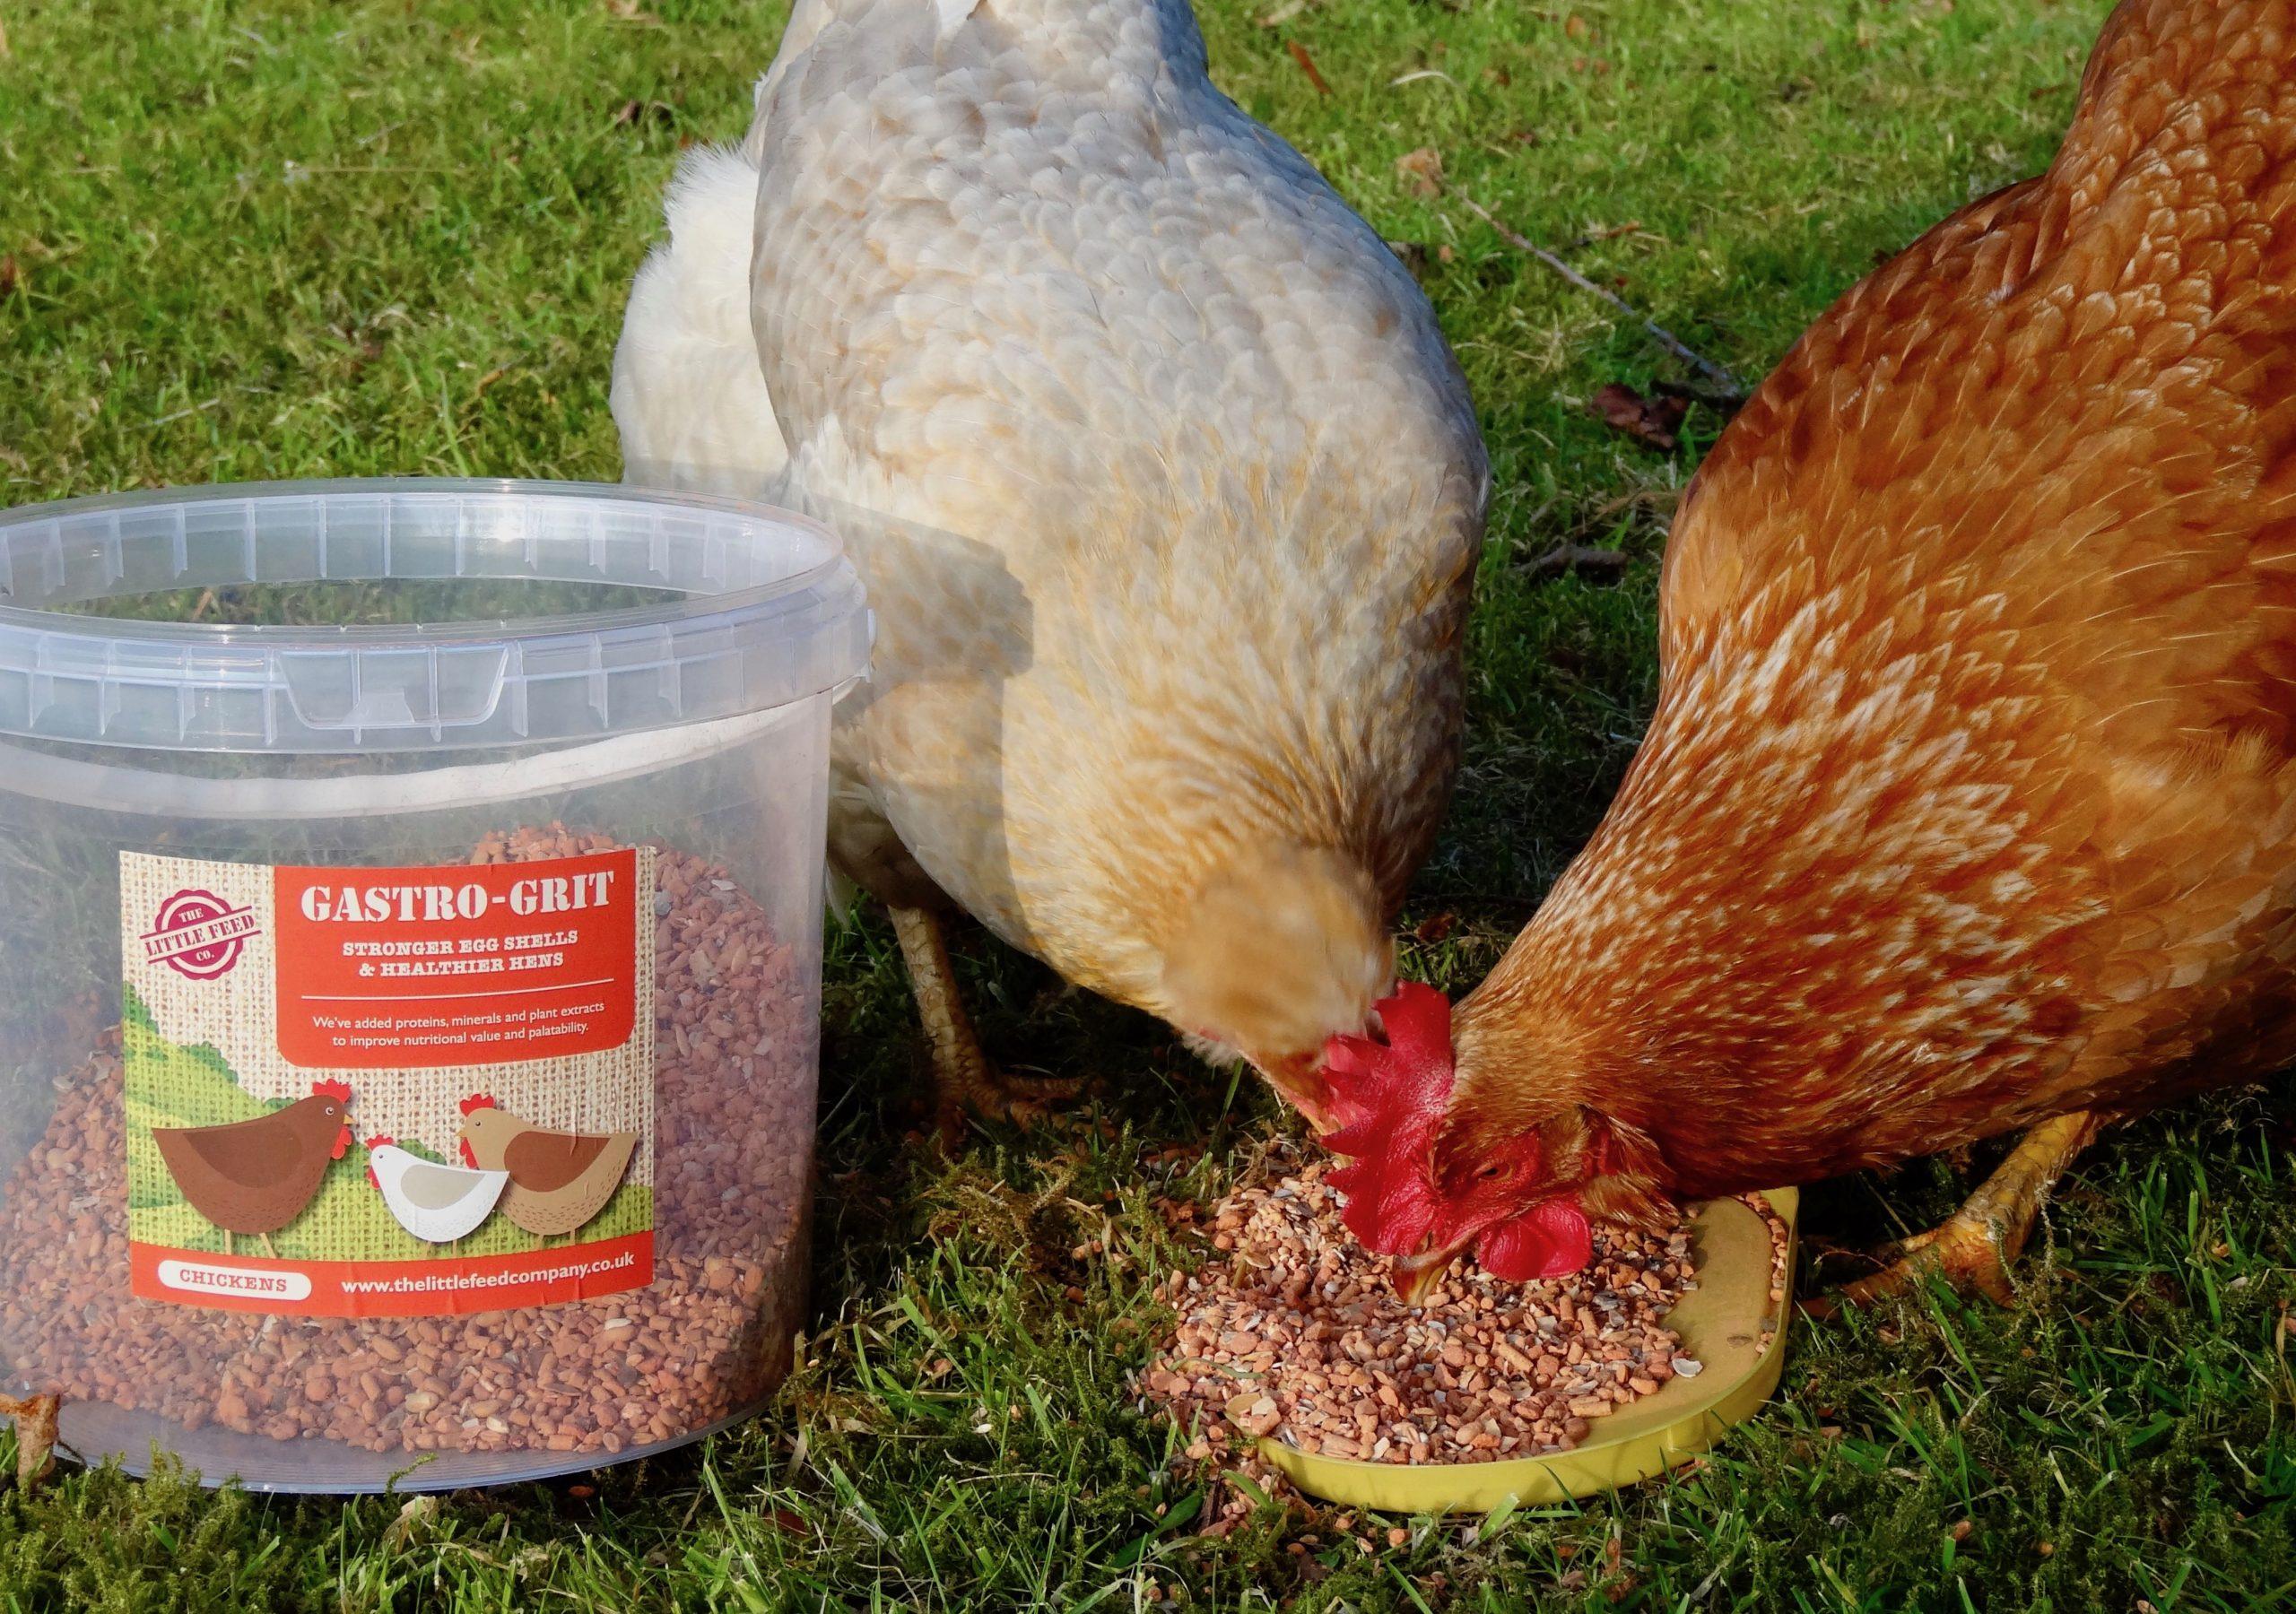 The best chicken grit, Gastro Grit